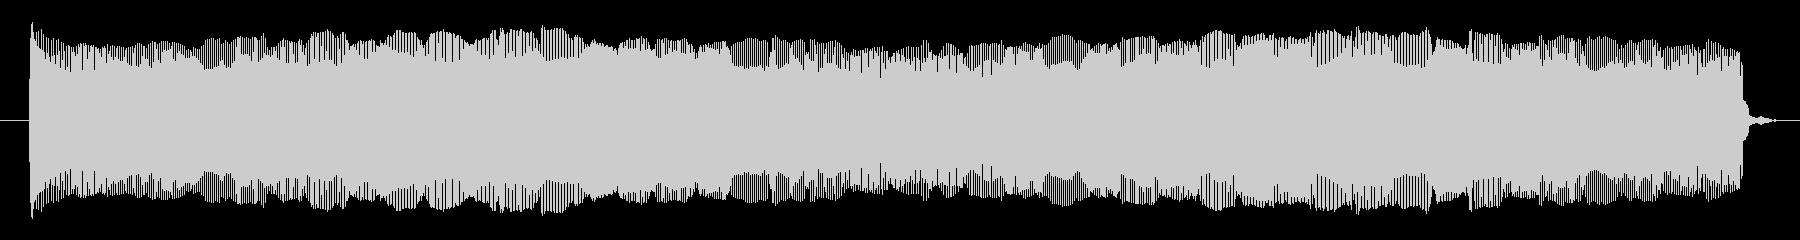 8bitパワーU-D-01-1_dryの未再生の波形